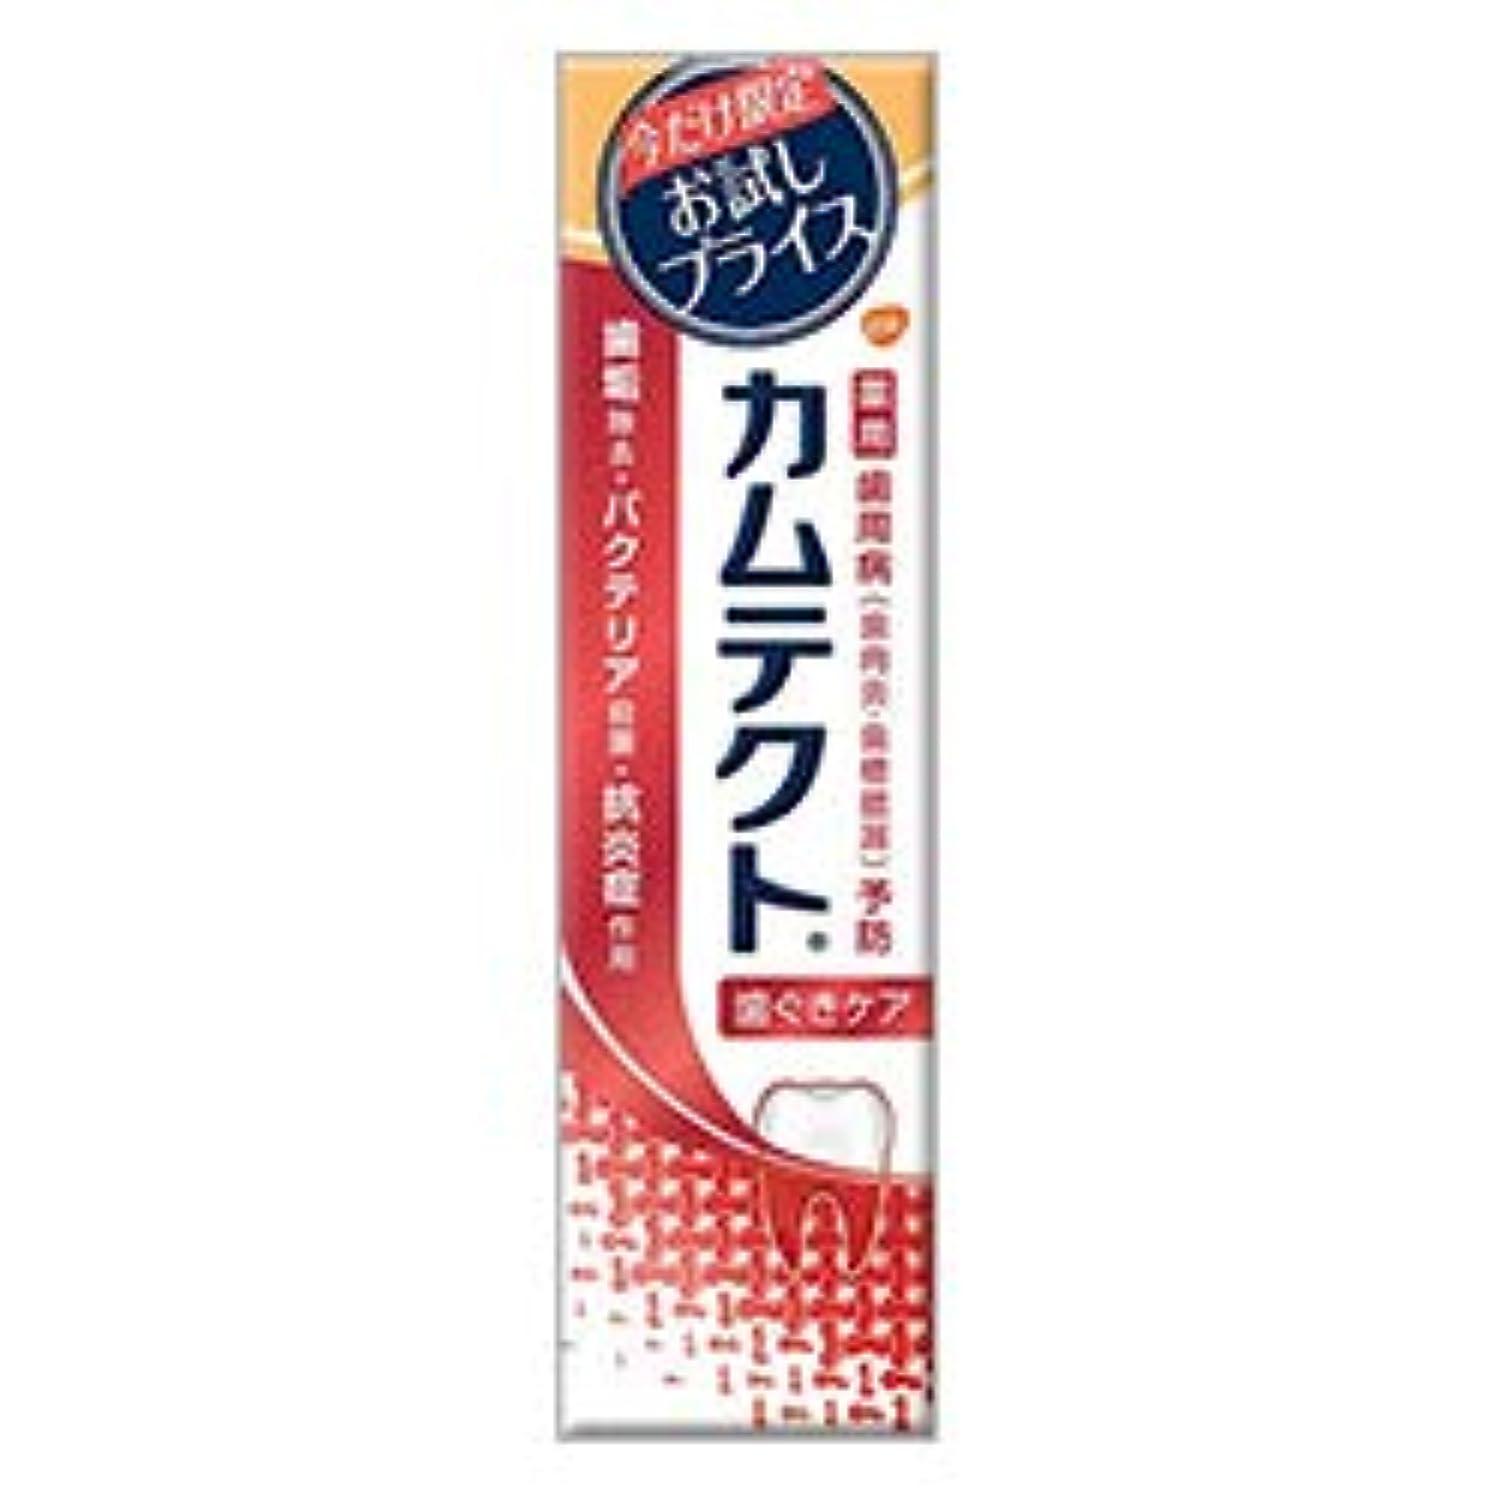 男性老朽化したフレット【アース製薬】カムテクト 歯ぐきケア 限定お試し版 105g [医薬部外品] ×2個セット